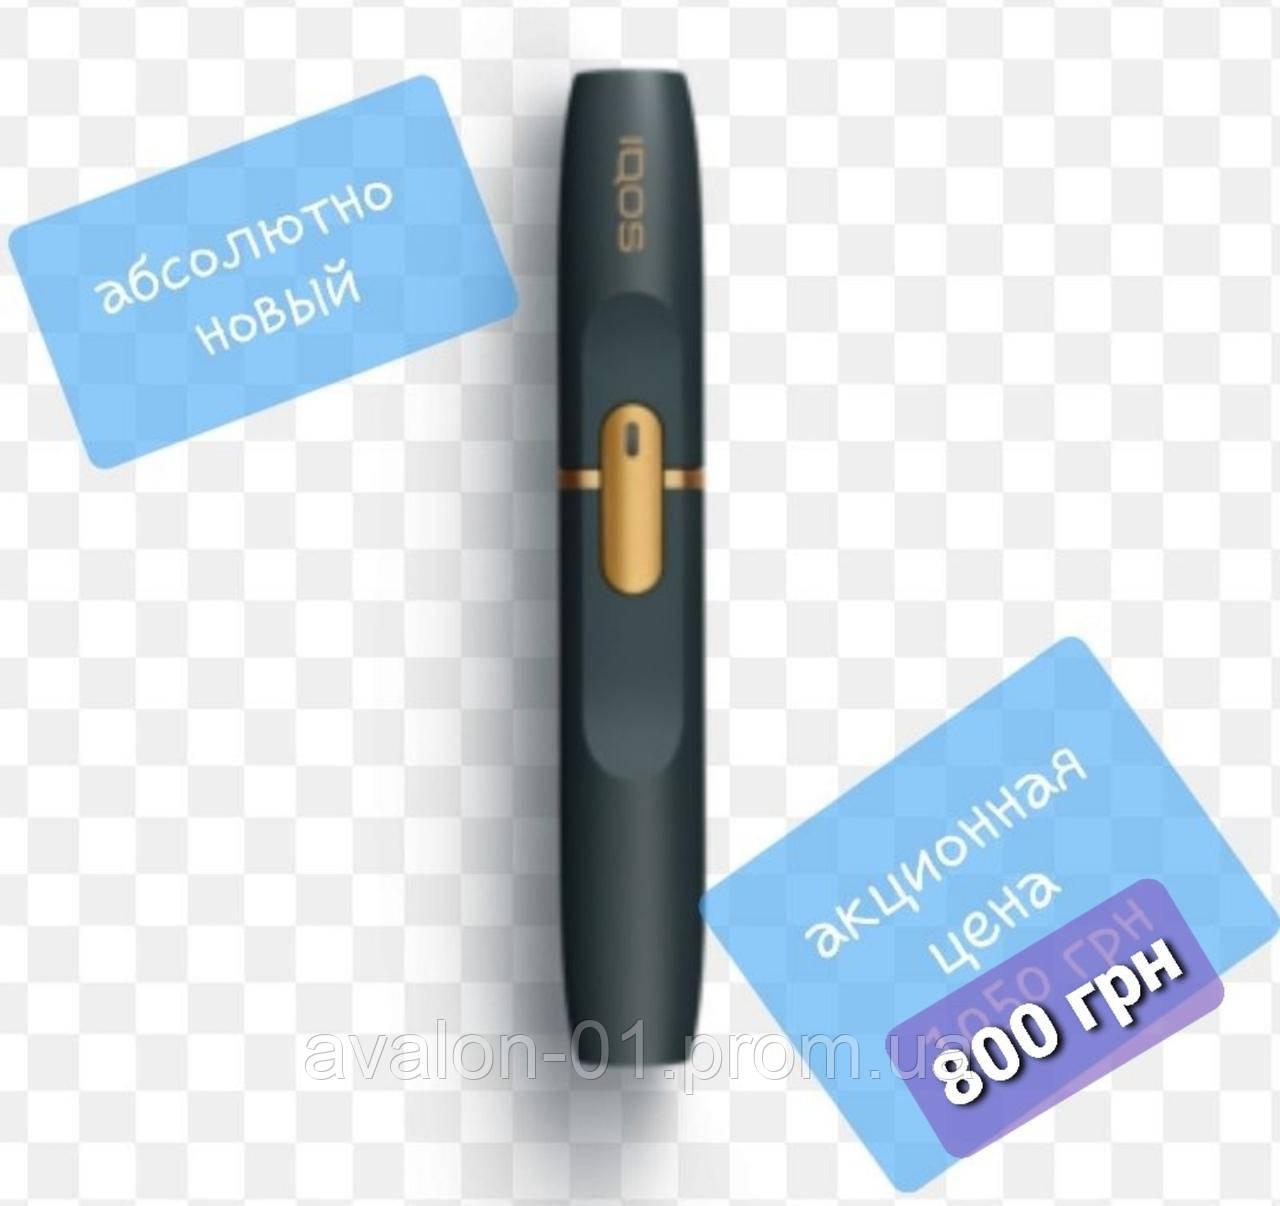 Айкос купить сигарету отдельно табак для кальяна опт краснодар